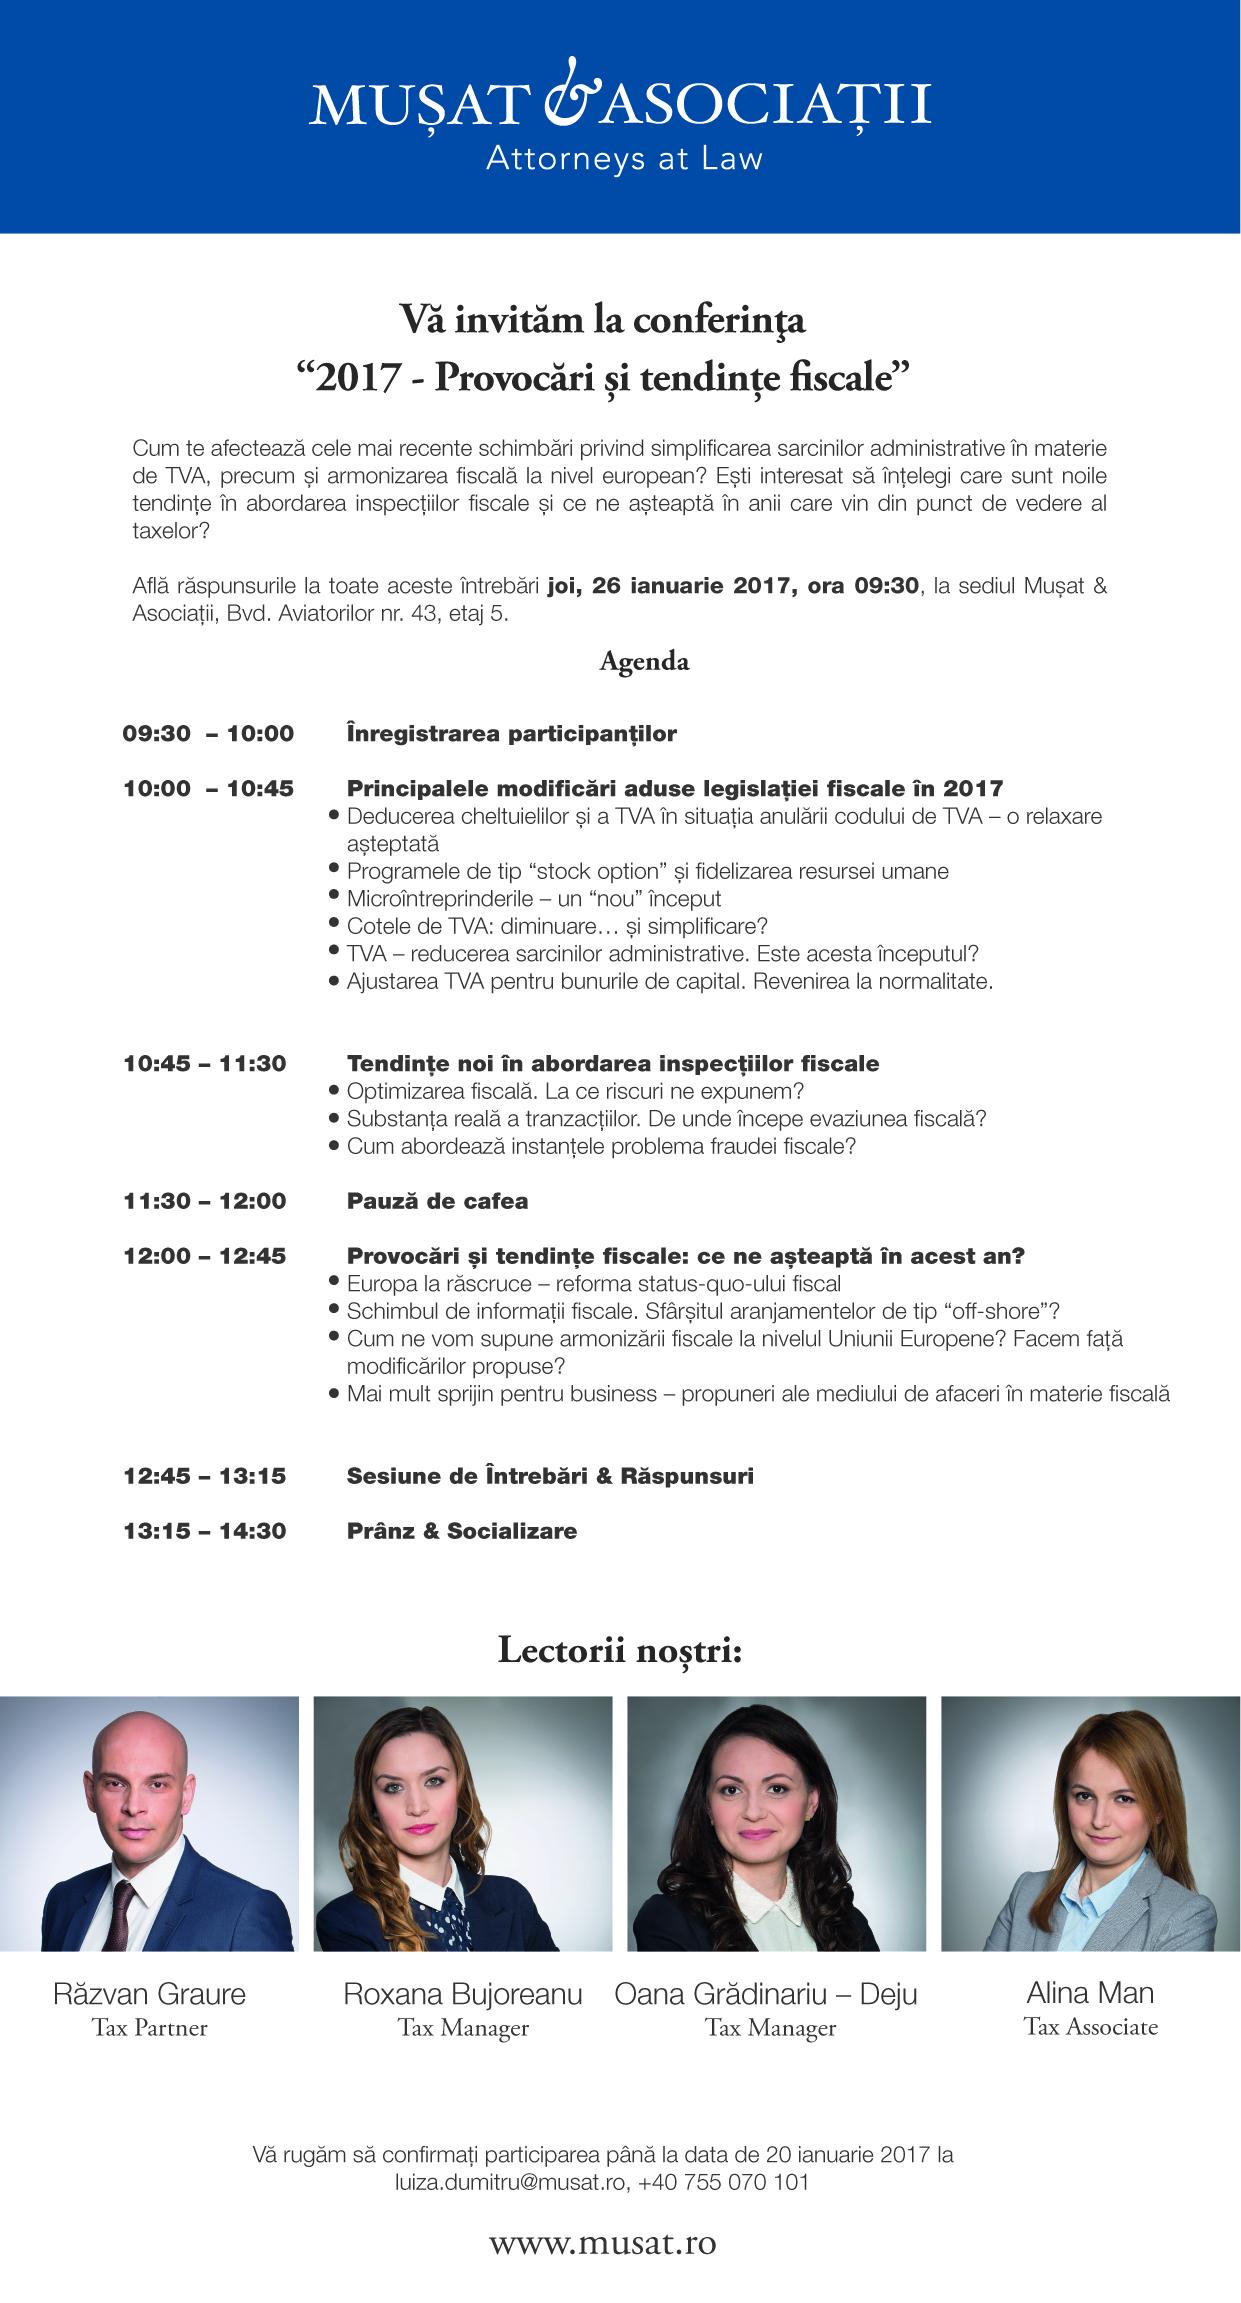 invitatie eveniment  2017 - Provocari si tendinte fiscale